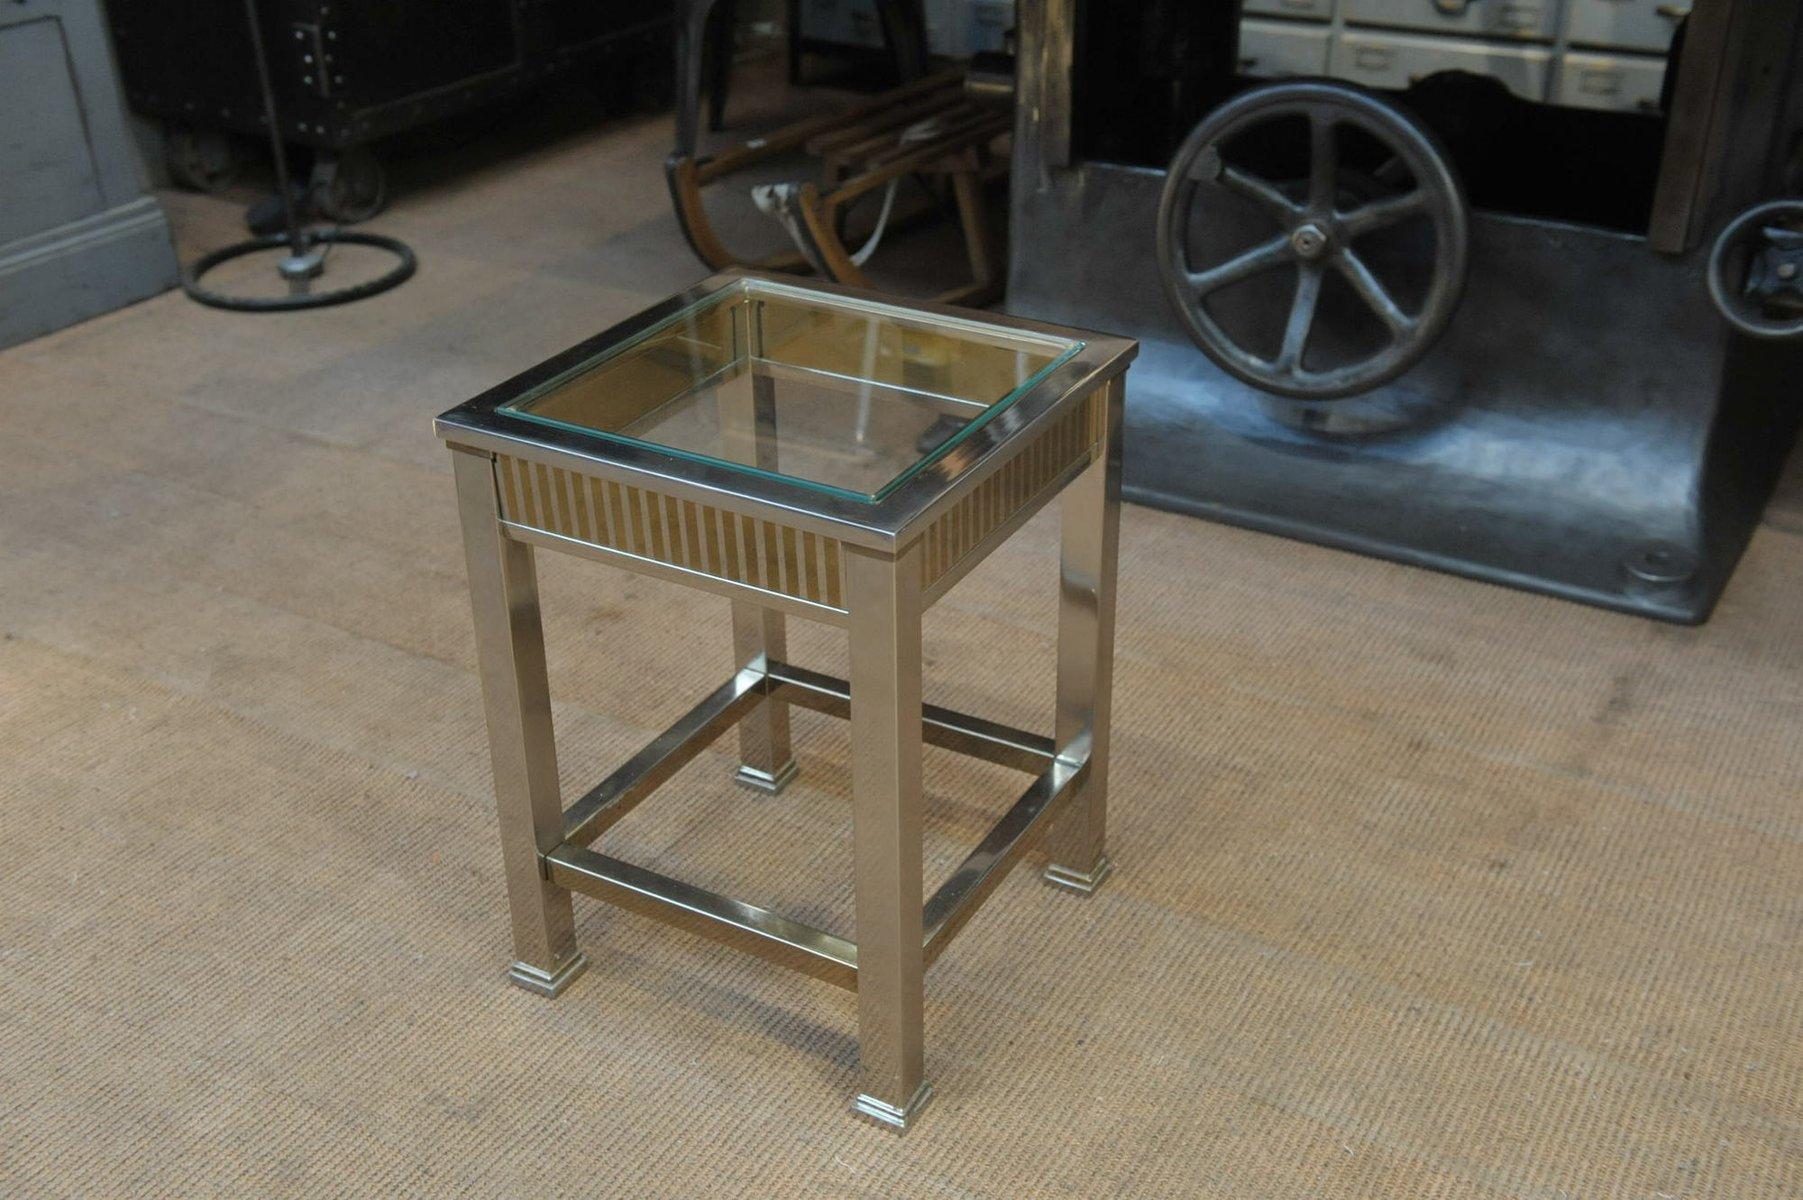 petite table console en m tal chrom en verre 1970s en vente sur pamono. Black Bedroom Furniture Sets. Home Design Ideas